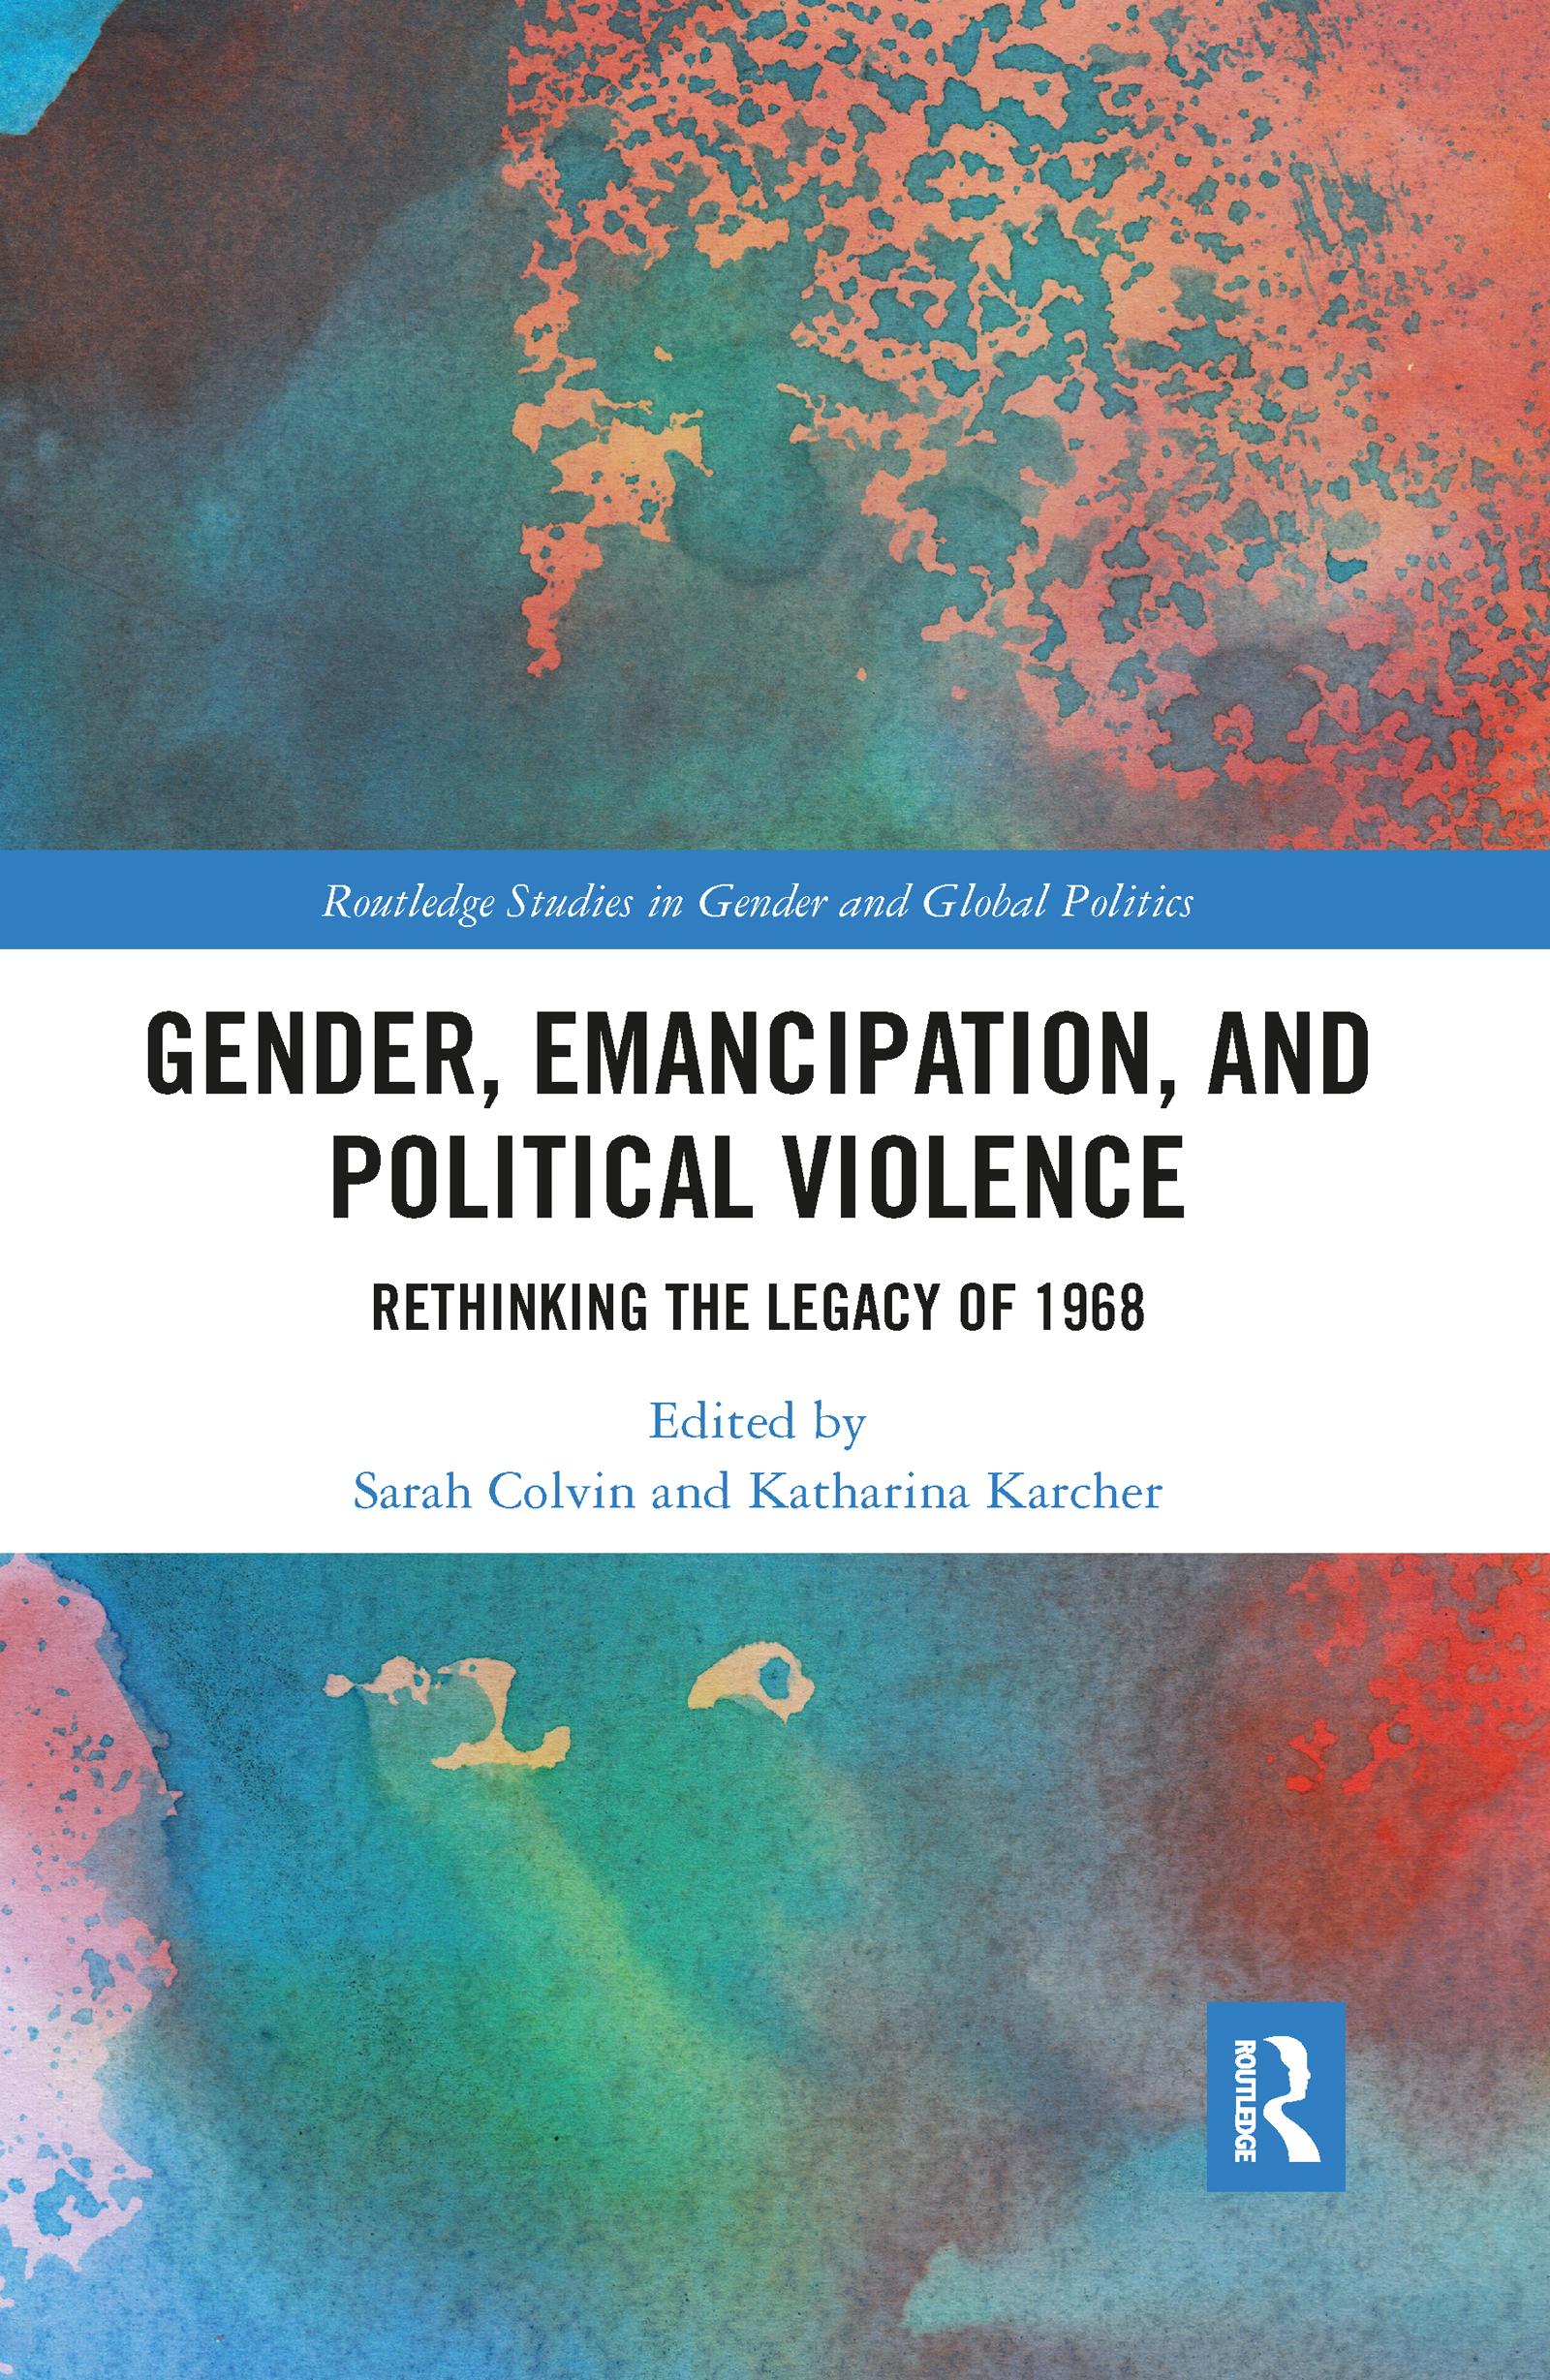 Gender, Emancipation, and Political Violence